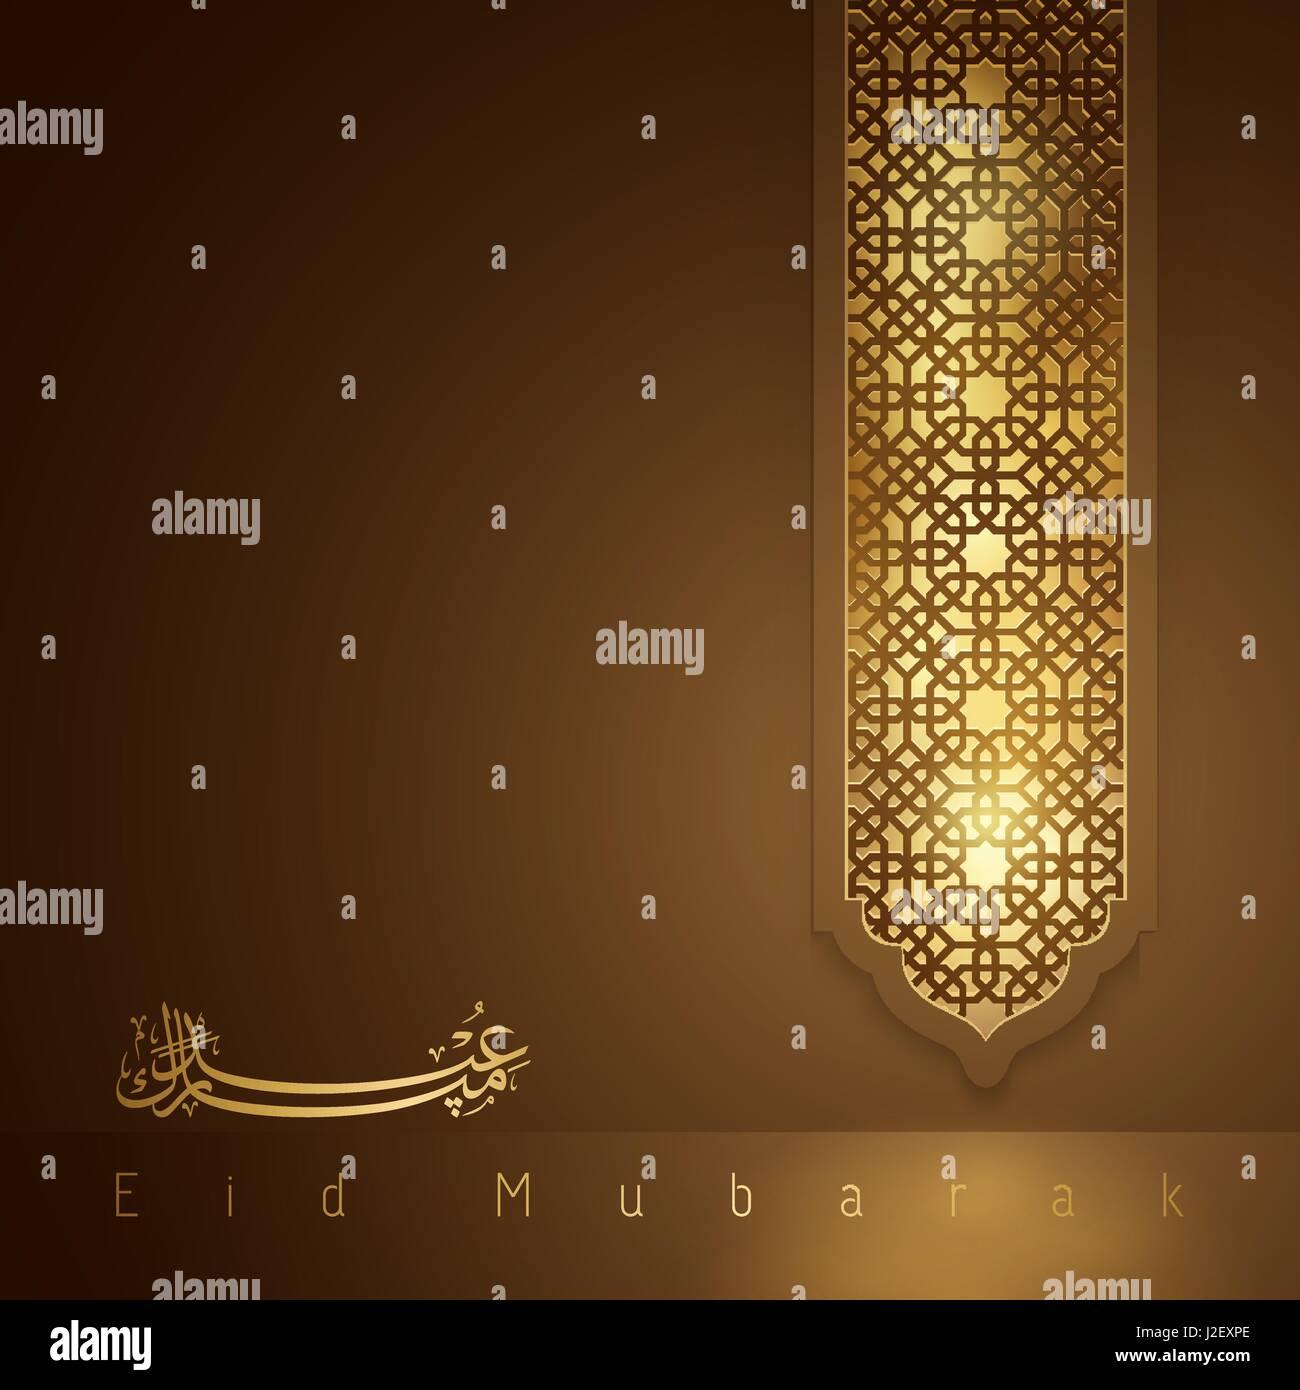 Eid mubarak glow arabic pattern window greeting card background eid mubarak glow arabic pattern window greeting card background kristyandbryce Choice Image